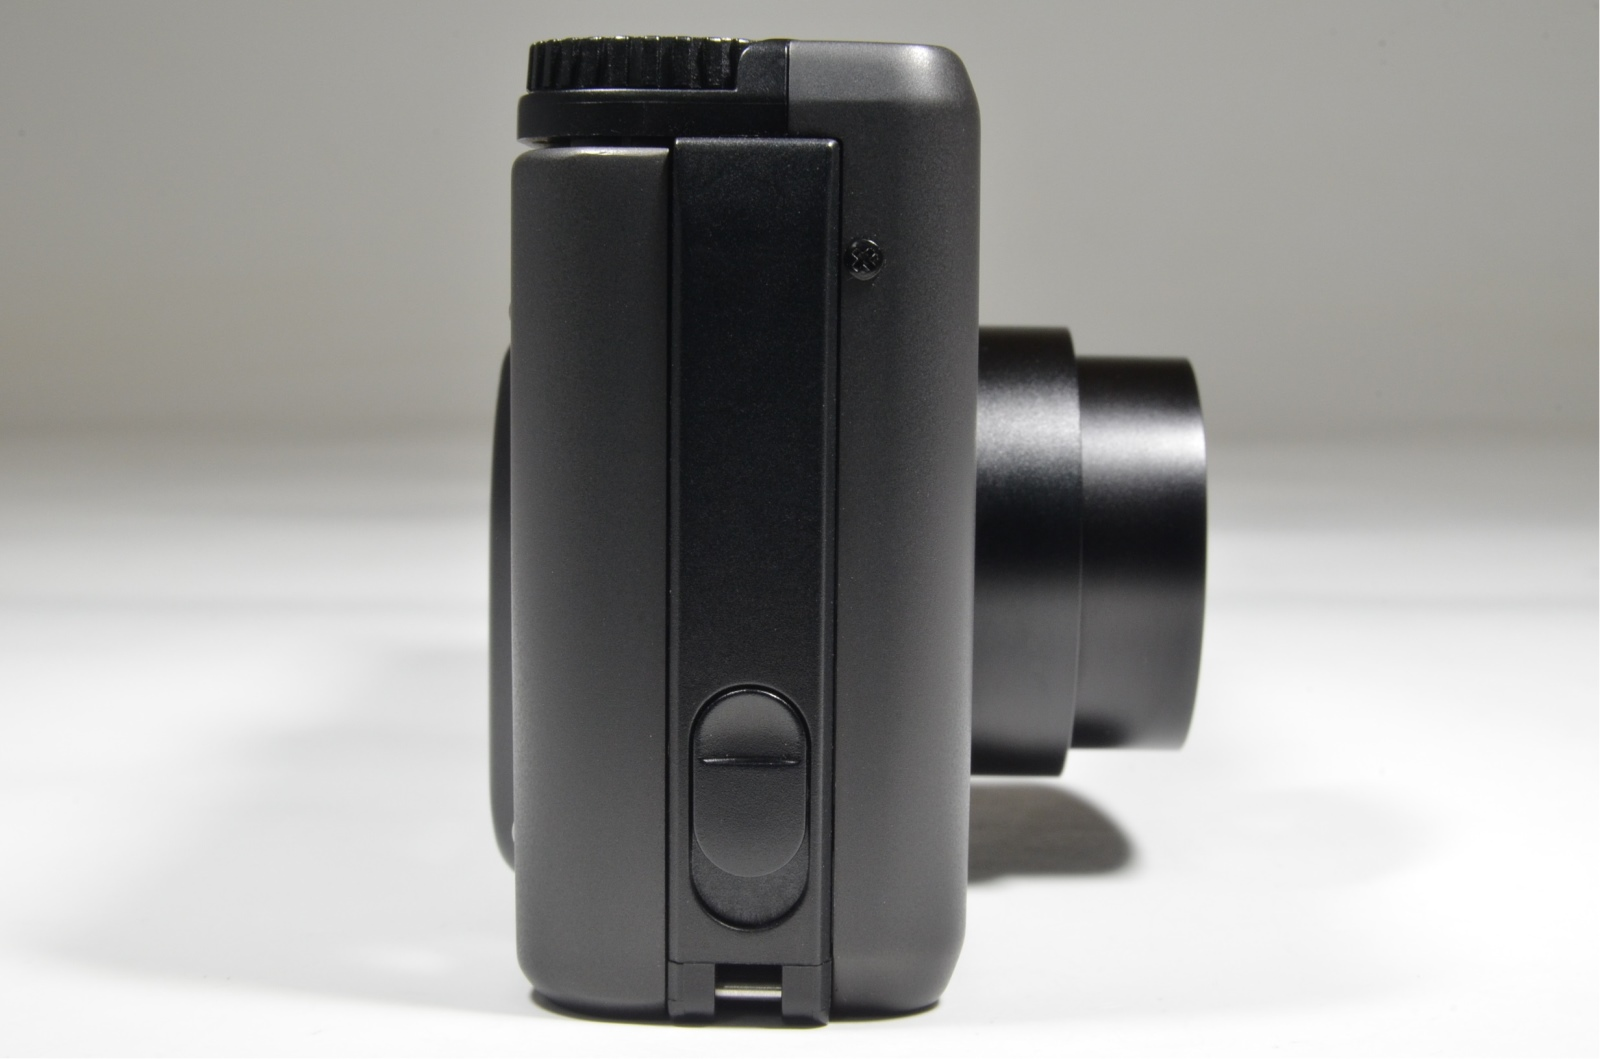 contax t3 data back titanium black 35mm p&s film camera